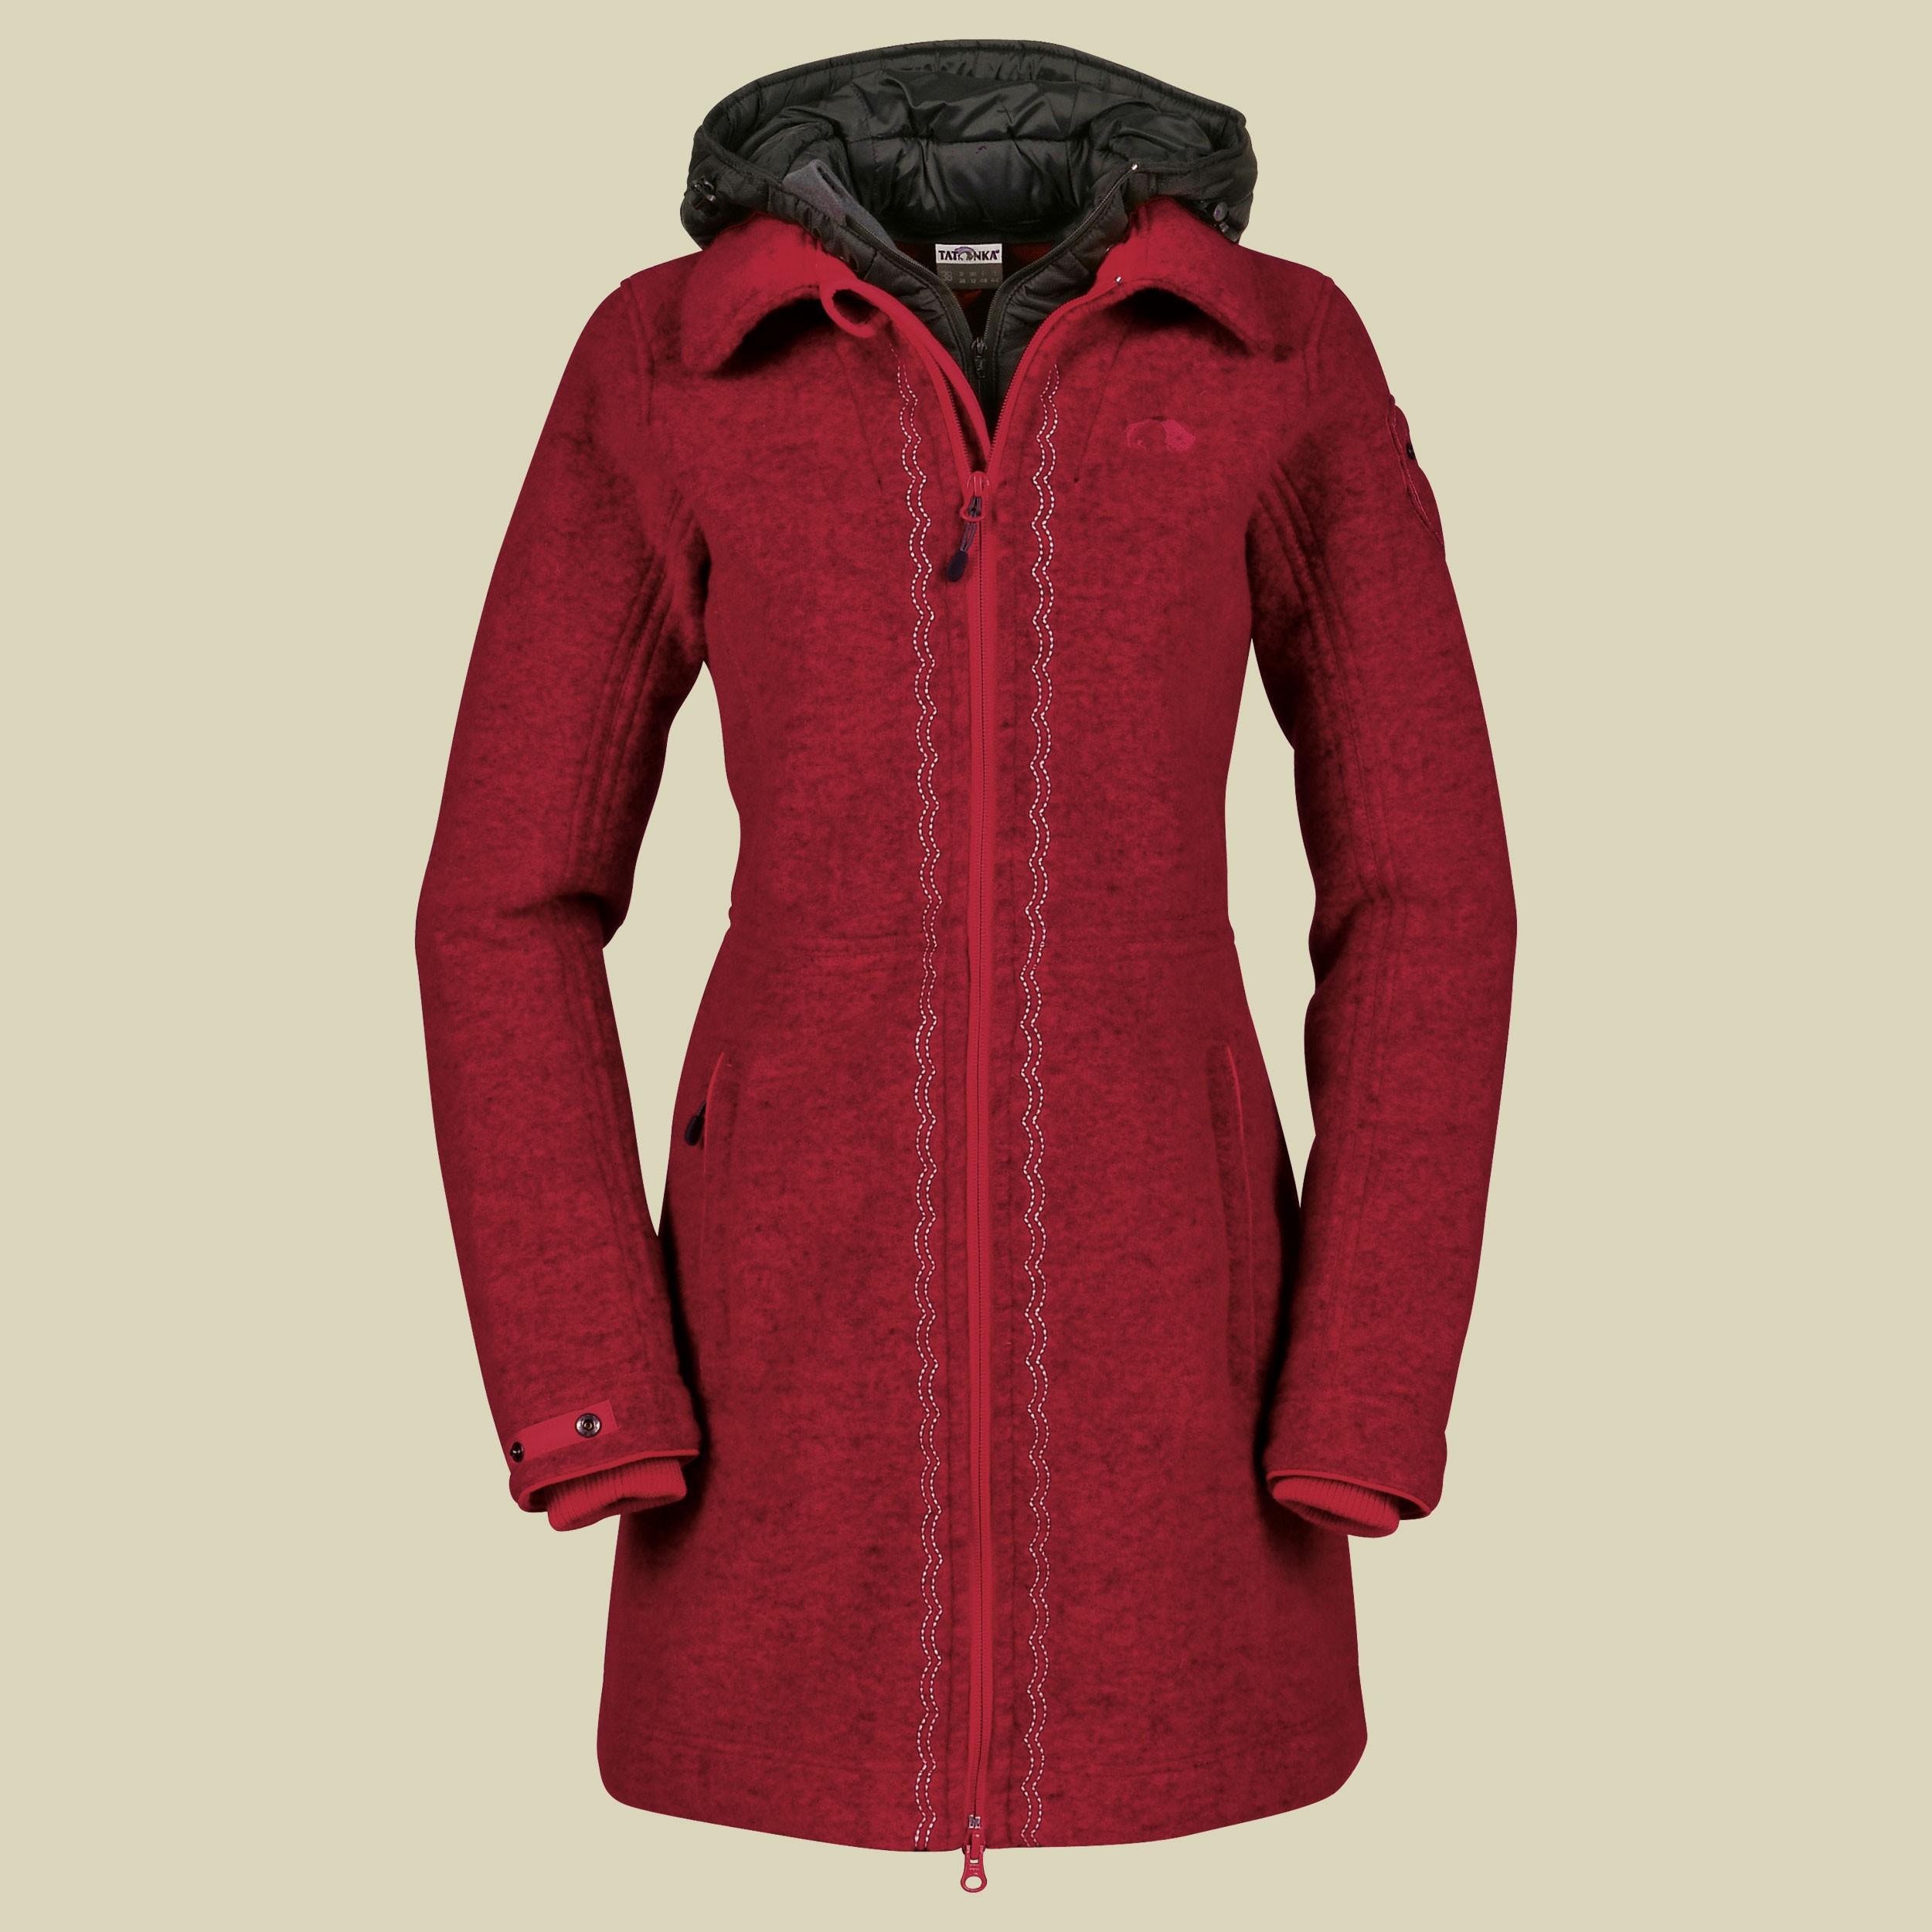 Mayfield Coat Women